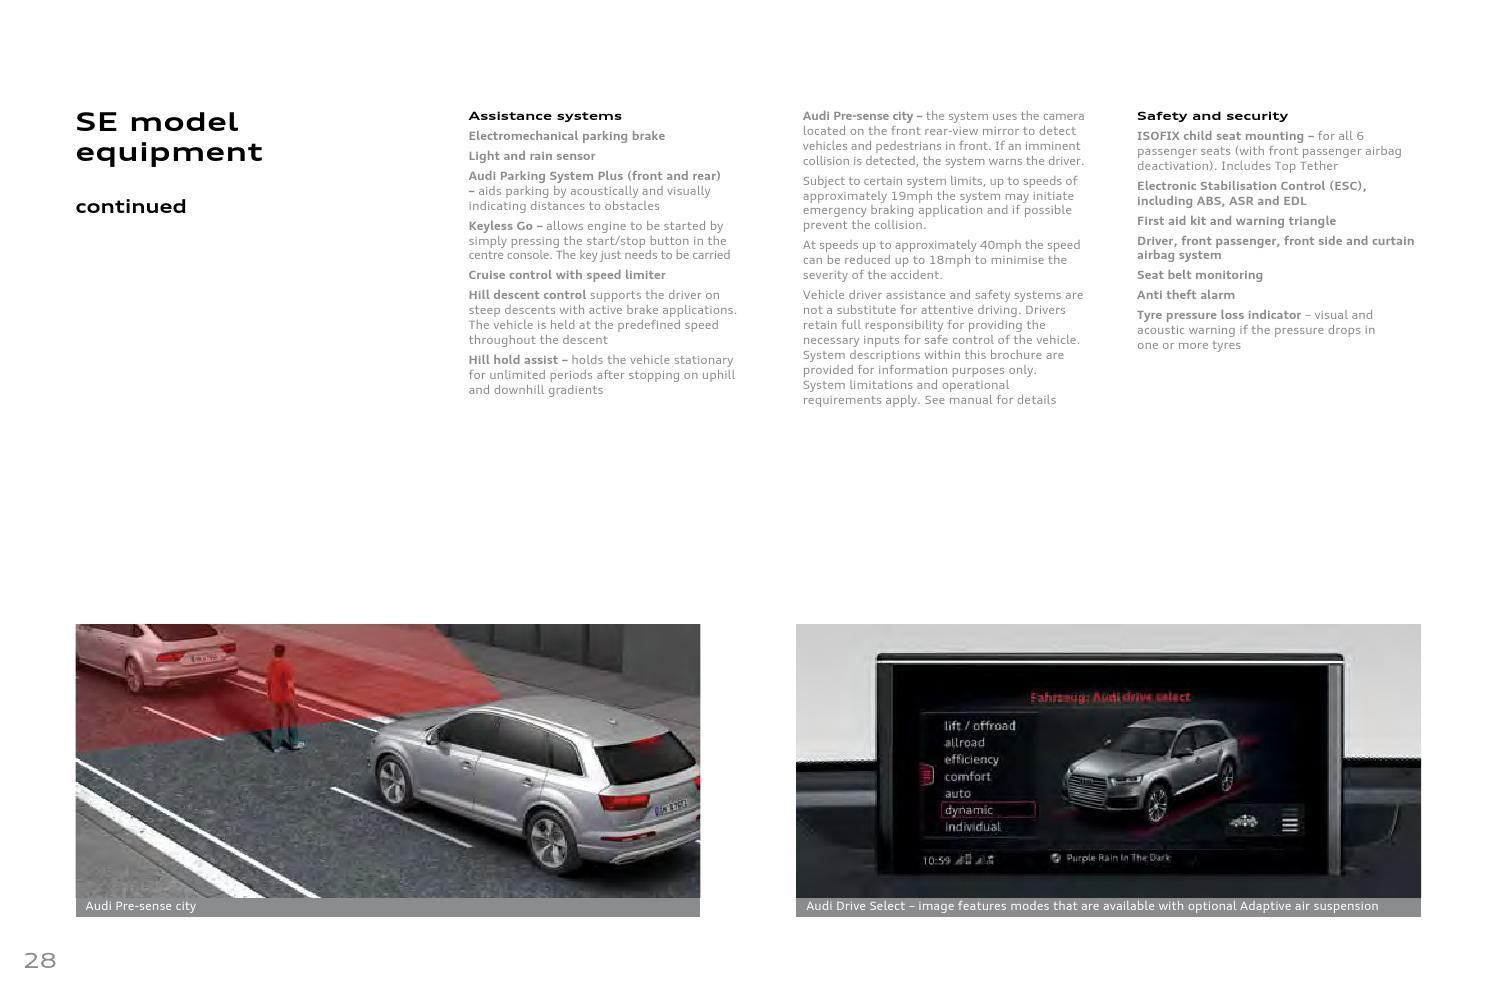 Audi Q7 英国 2016 by Chris Lan 蓝祖彬 - issuu